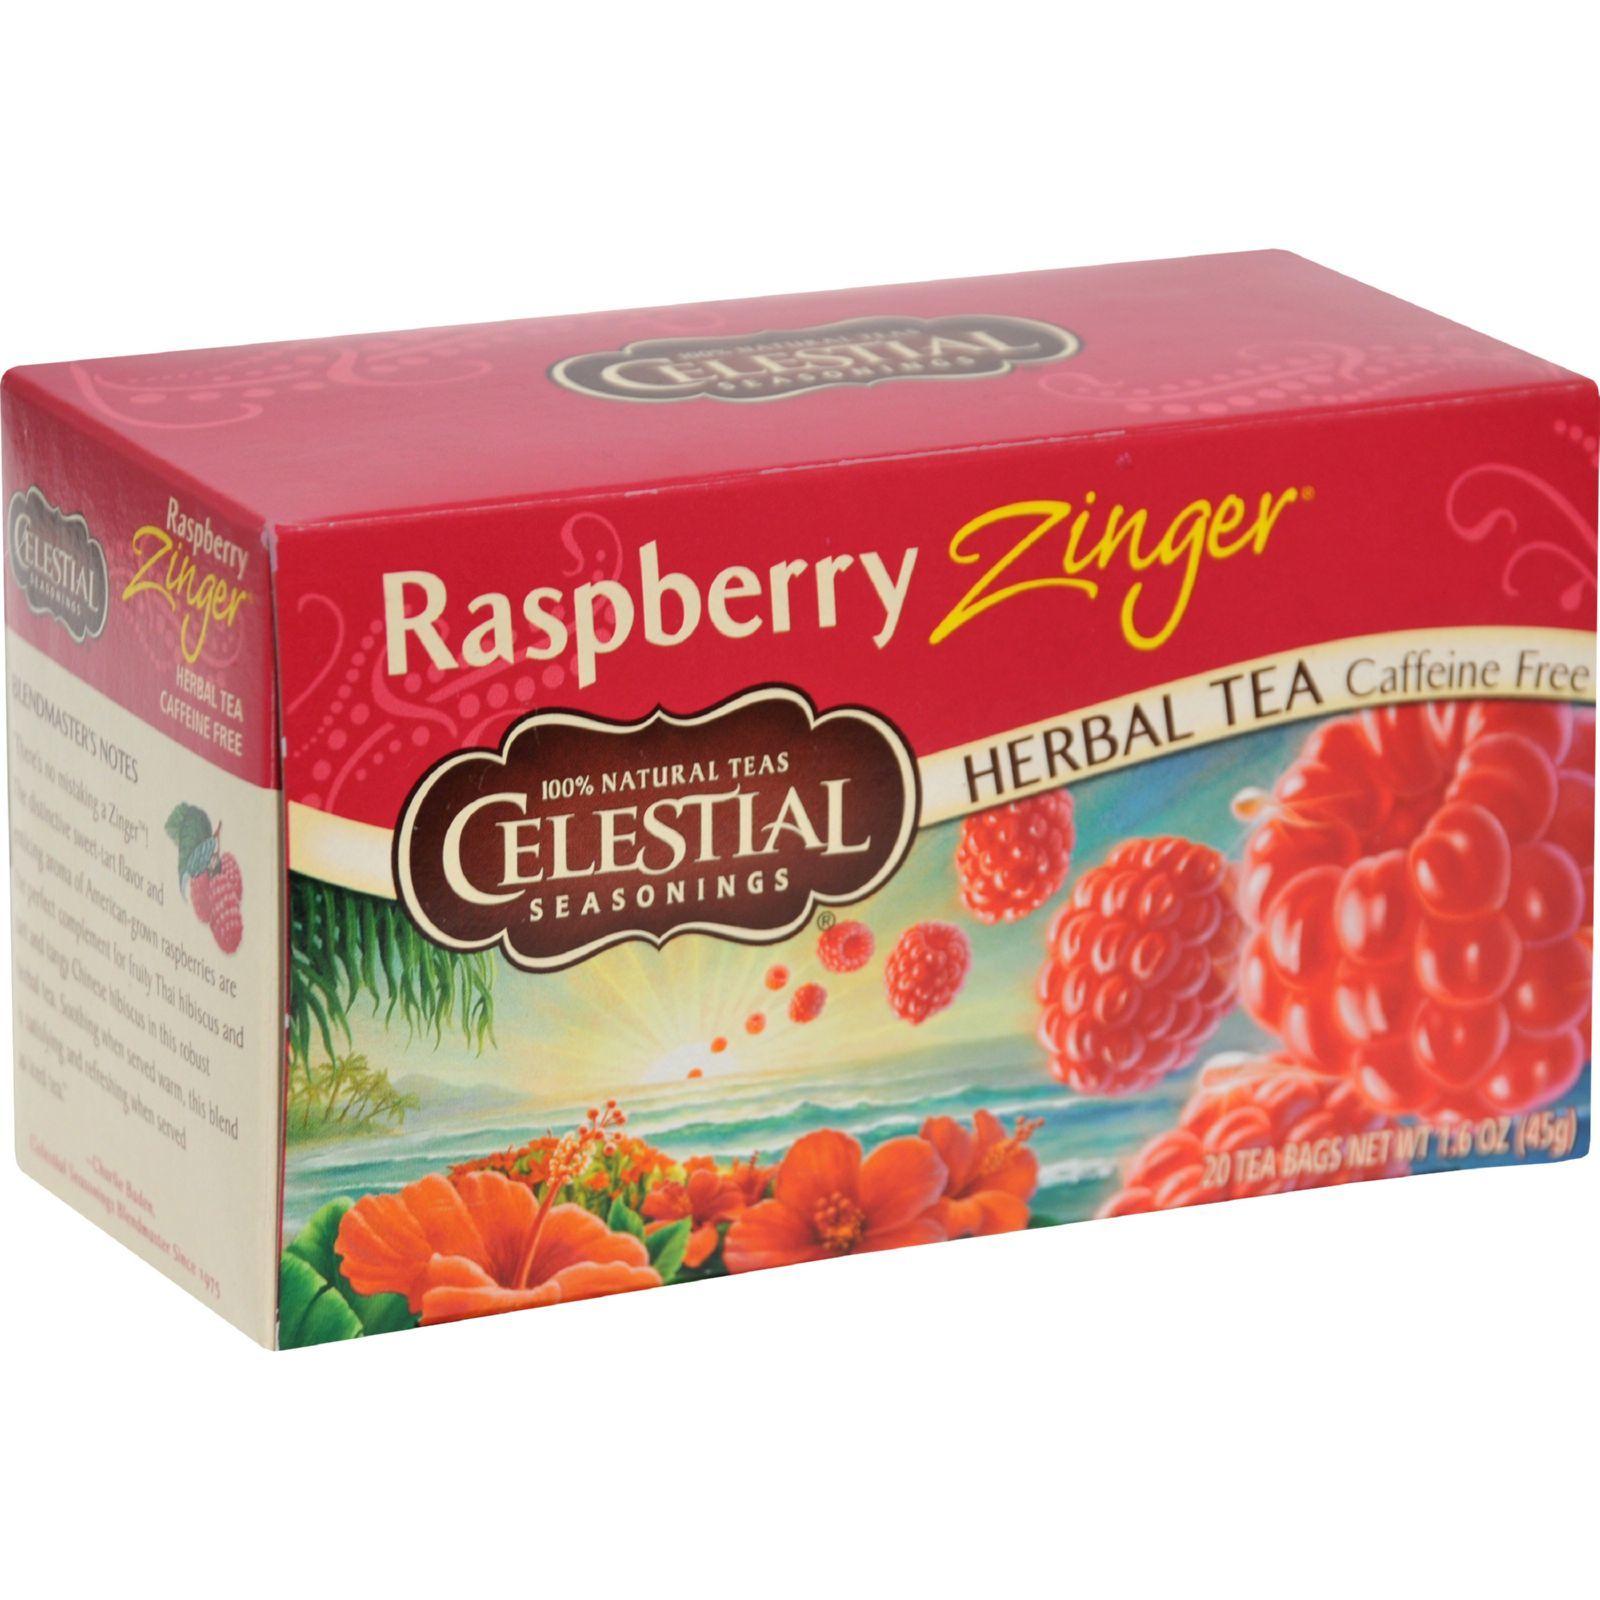 Celestial Seasonings Herbal Tea - Raspberry Zinger - 20 Bags